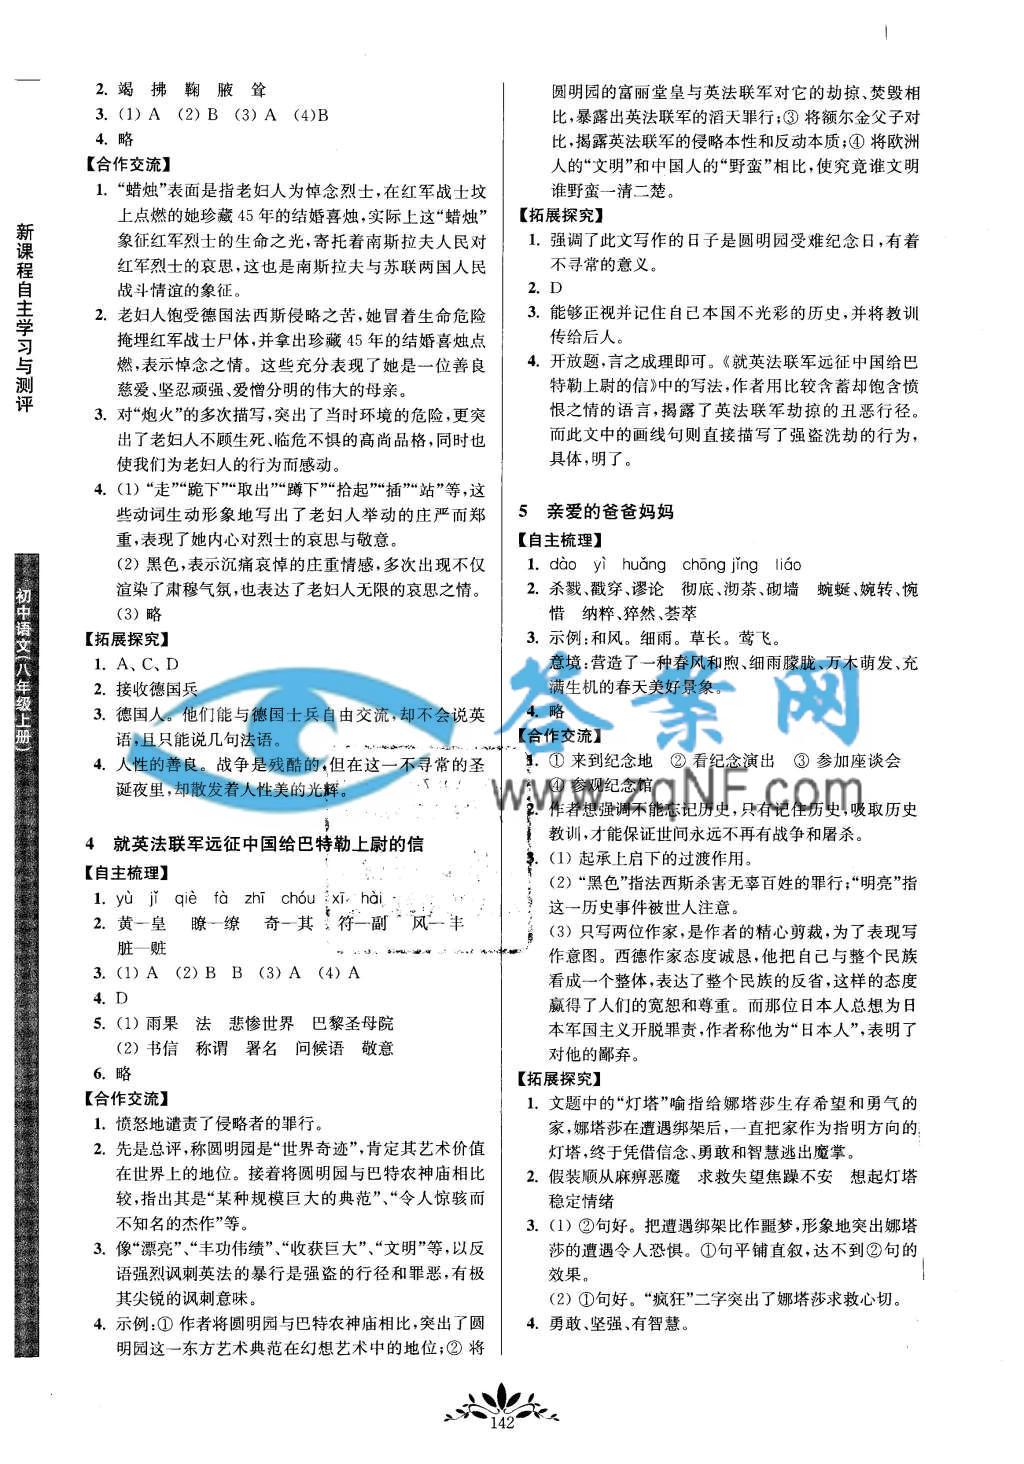 八年级语文上册人教养版恢复案第2页恢复案